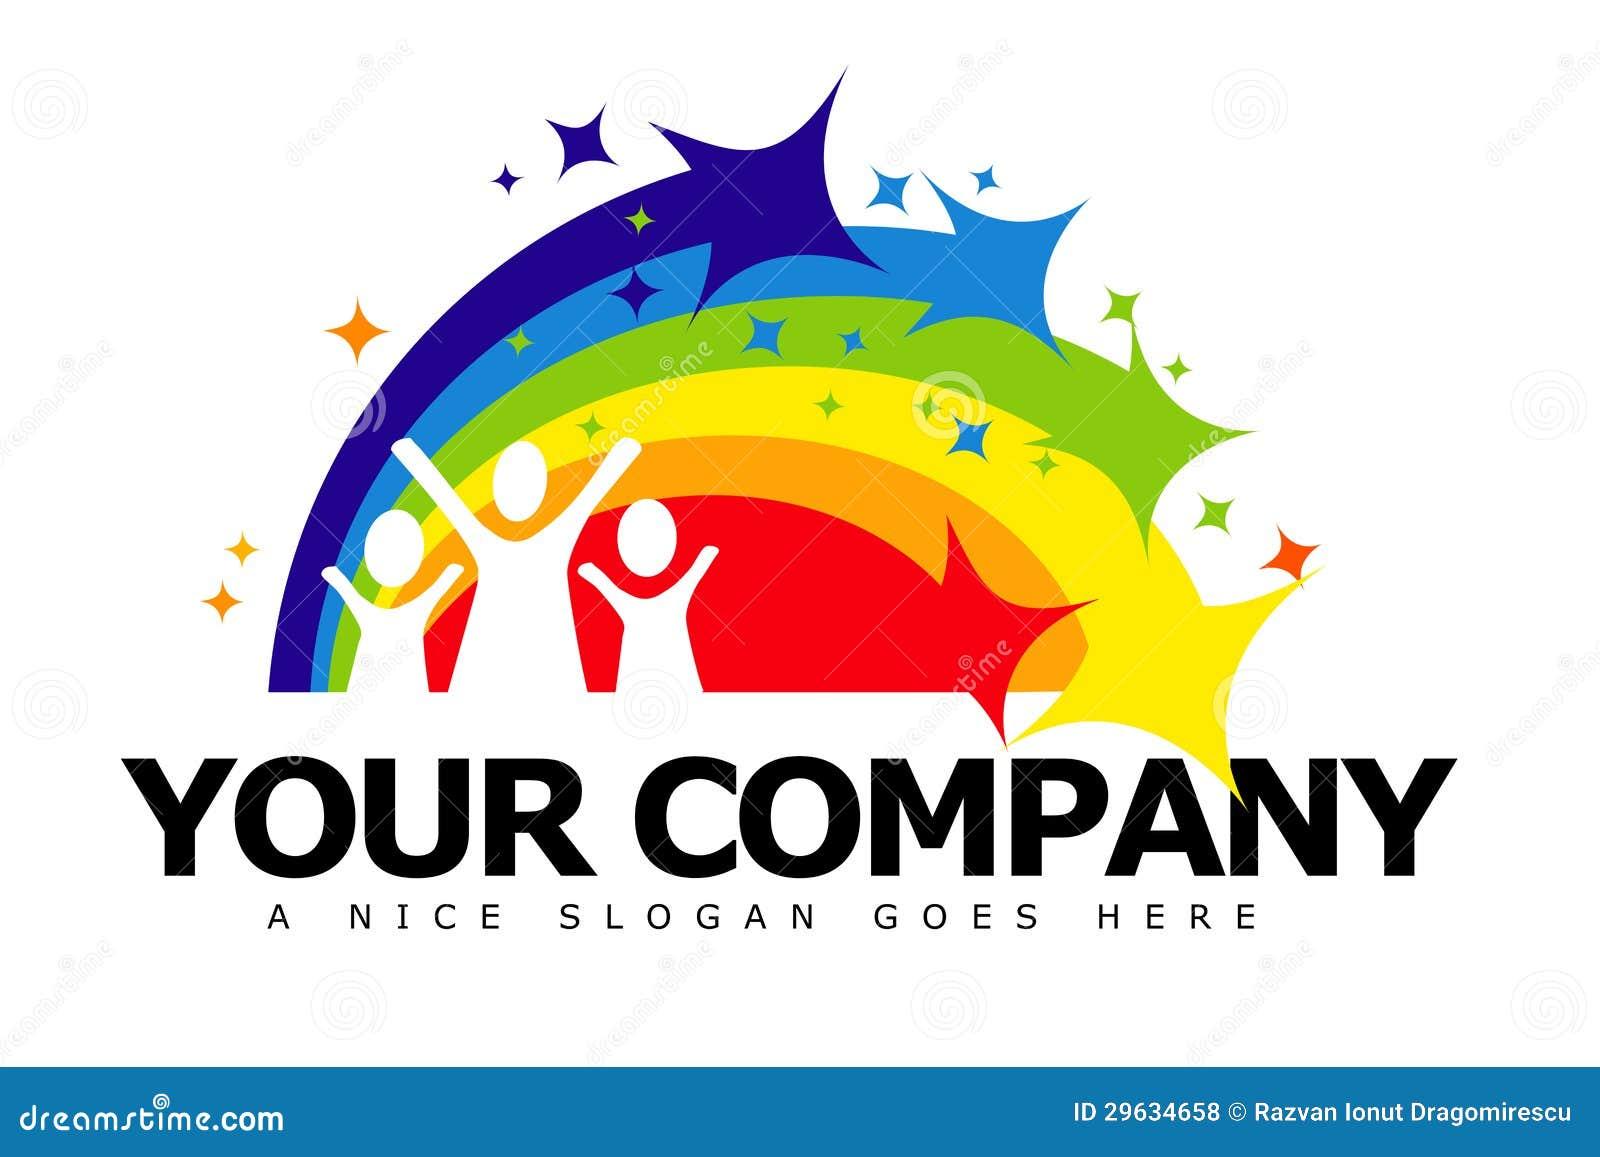 Web Design Company Michigan